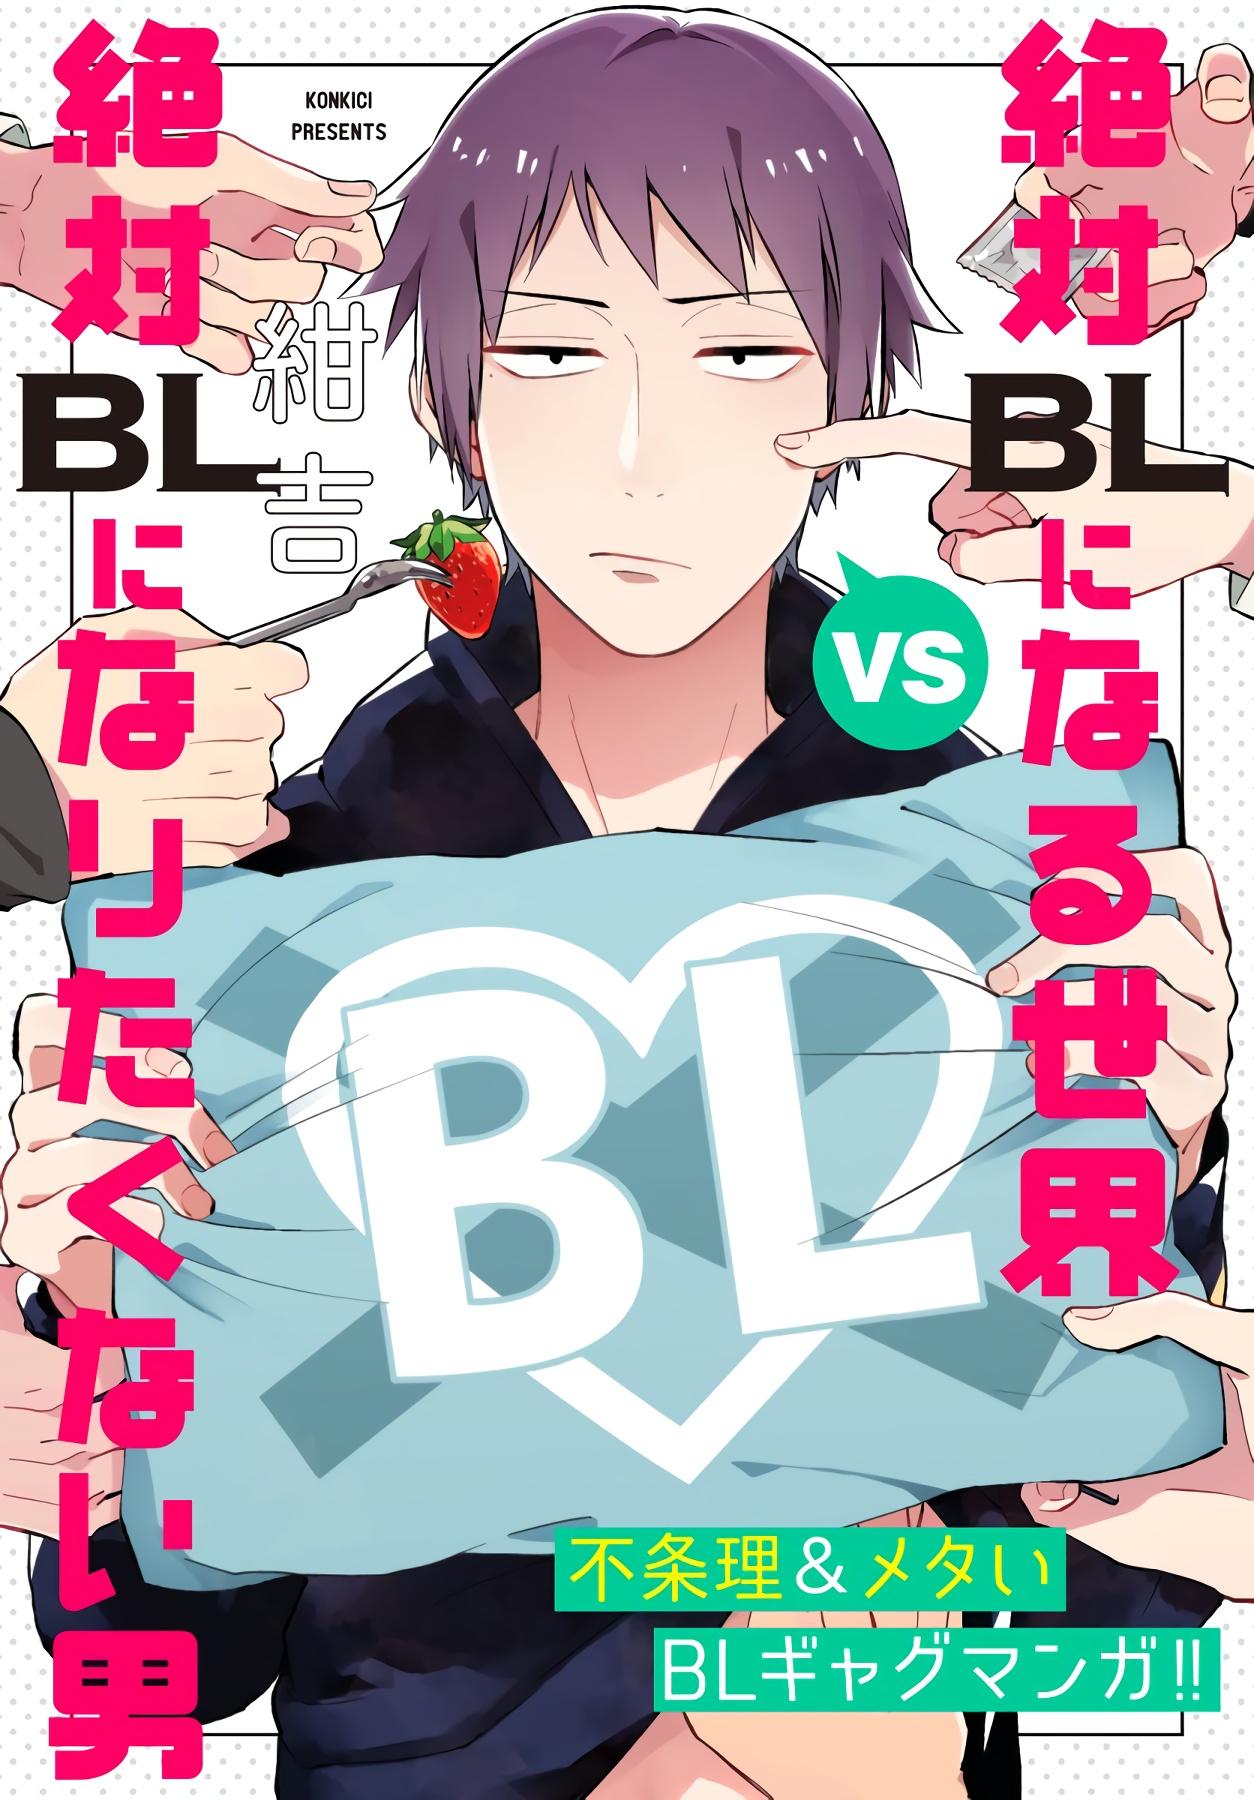 Zettai BL ni Naru Sekai VS Zettai BL ni Naritakunai Otoko